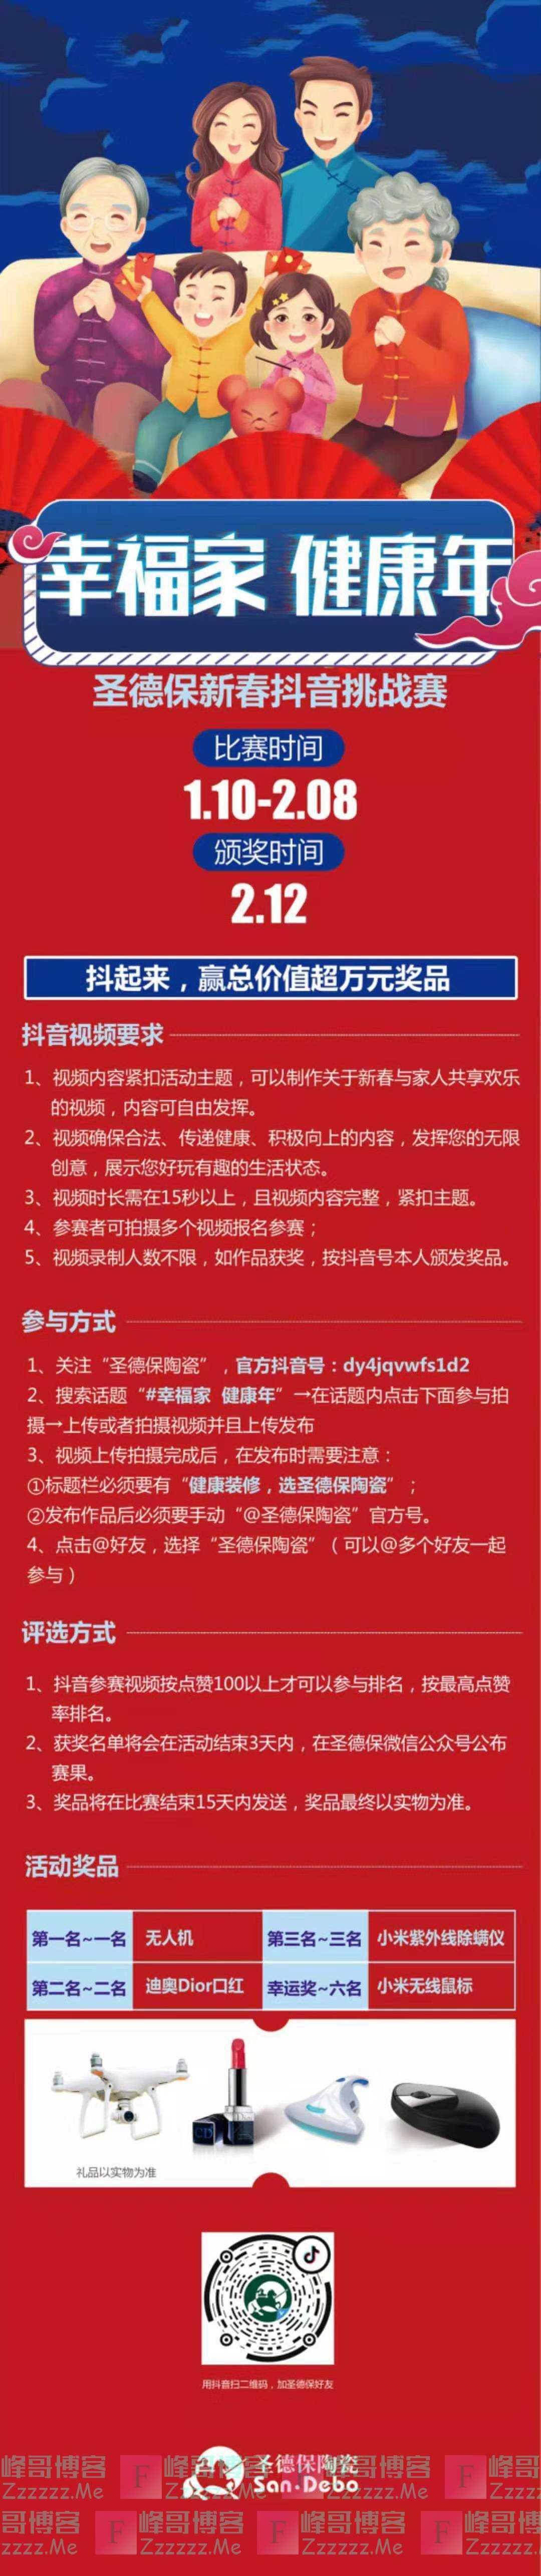 圣德保陶瓷幸福家 健康年 圣德保新春抖音挑战赛(截止2月8日)